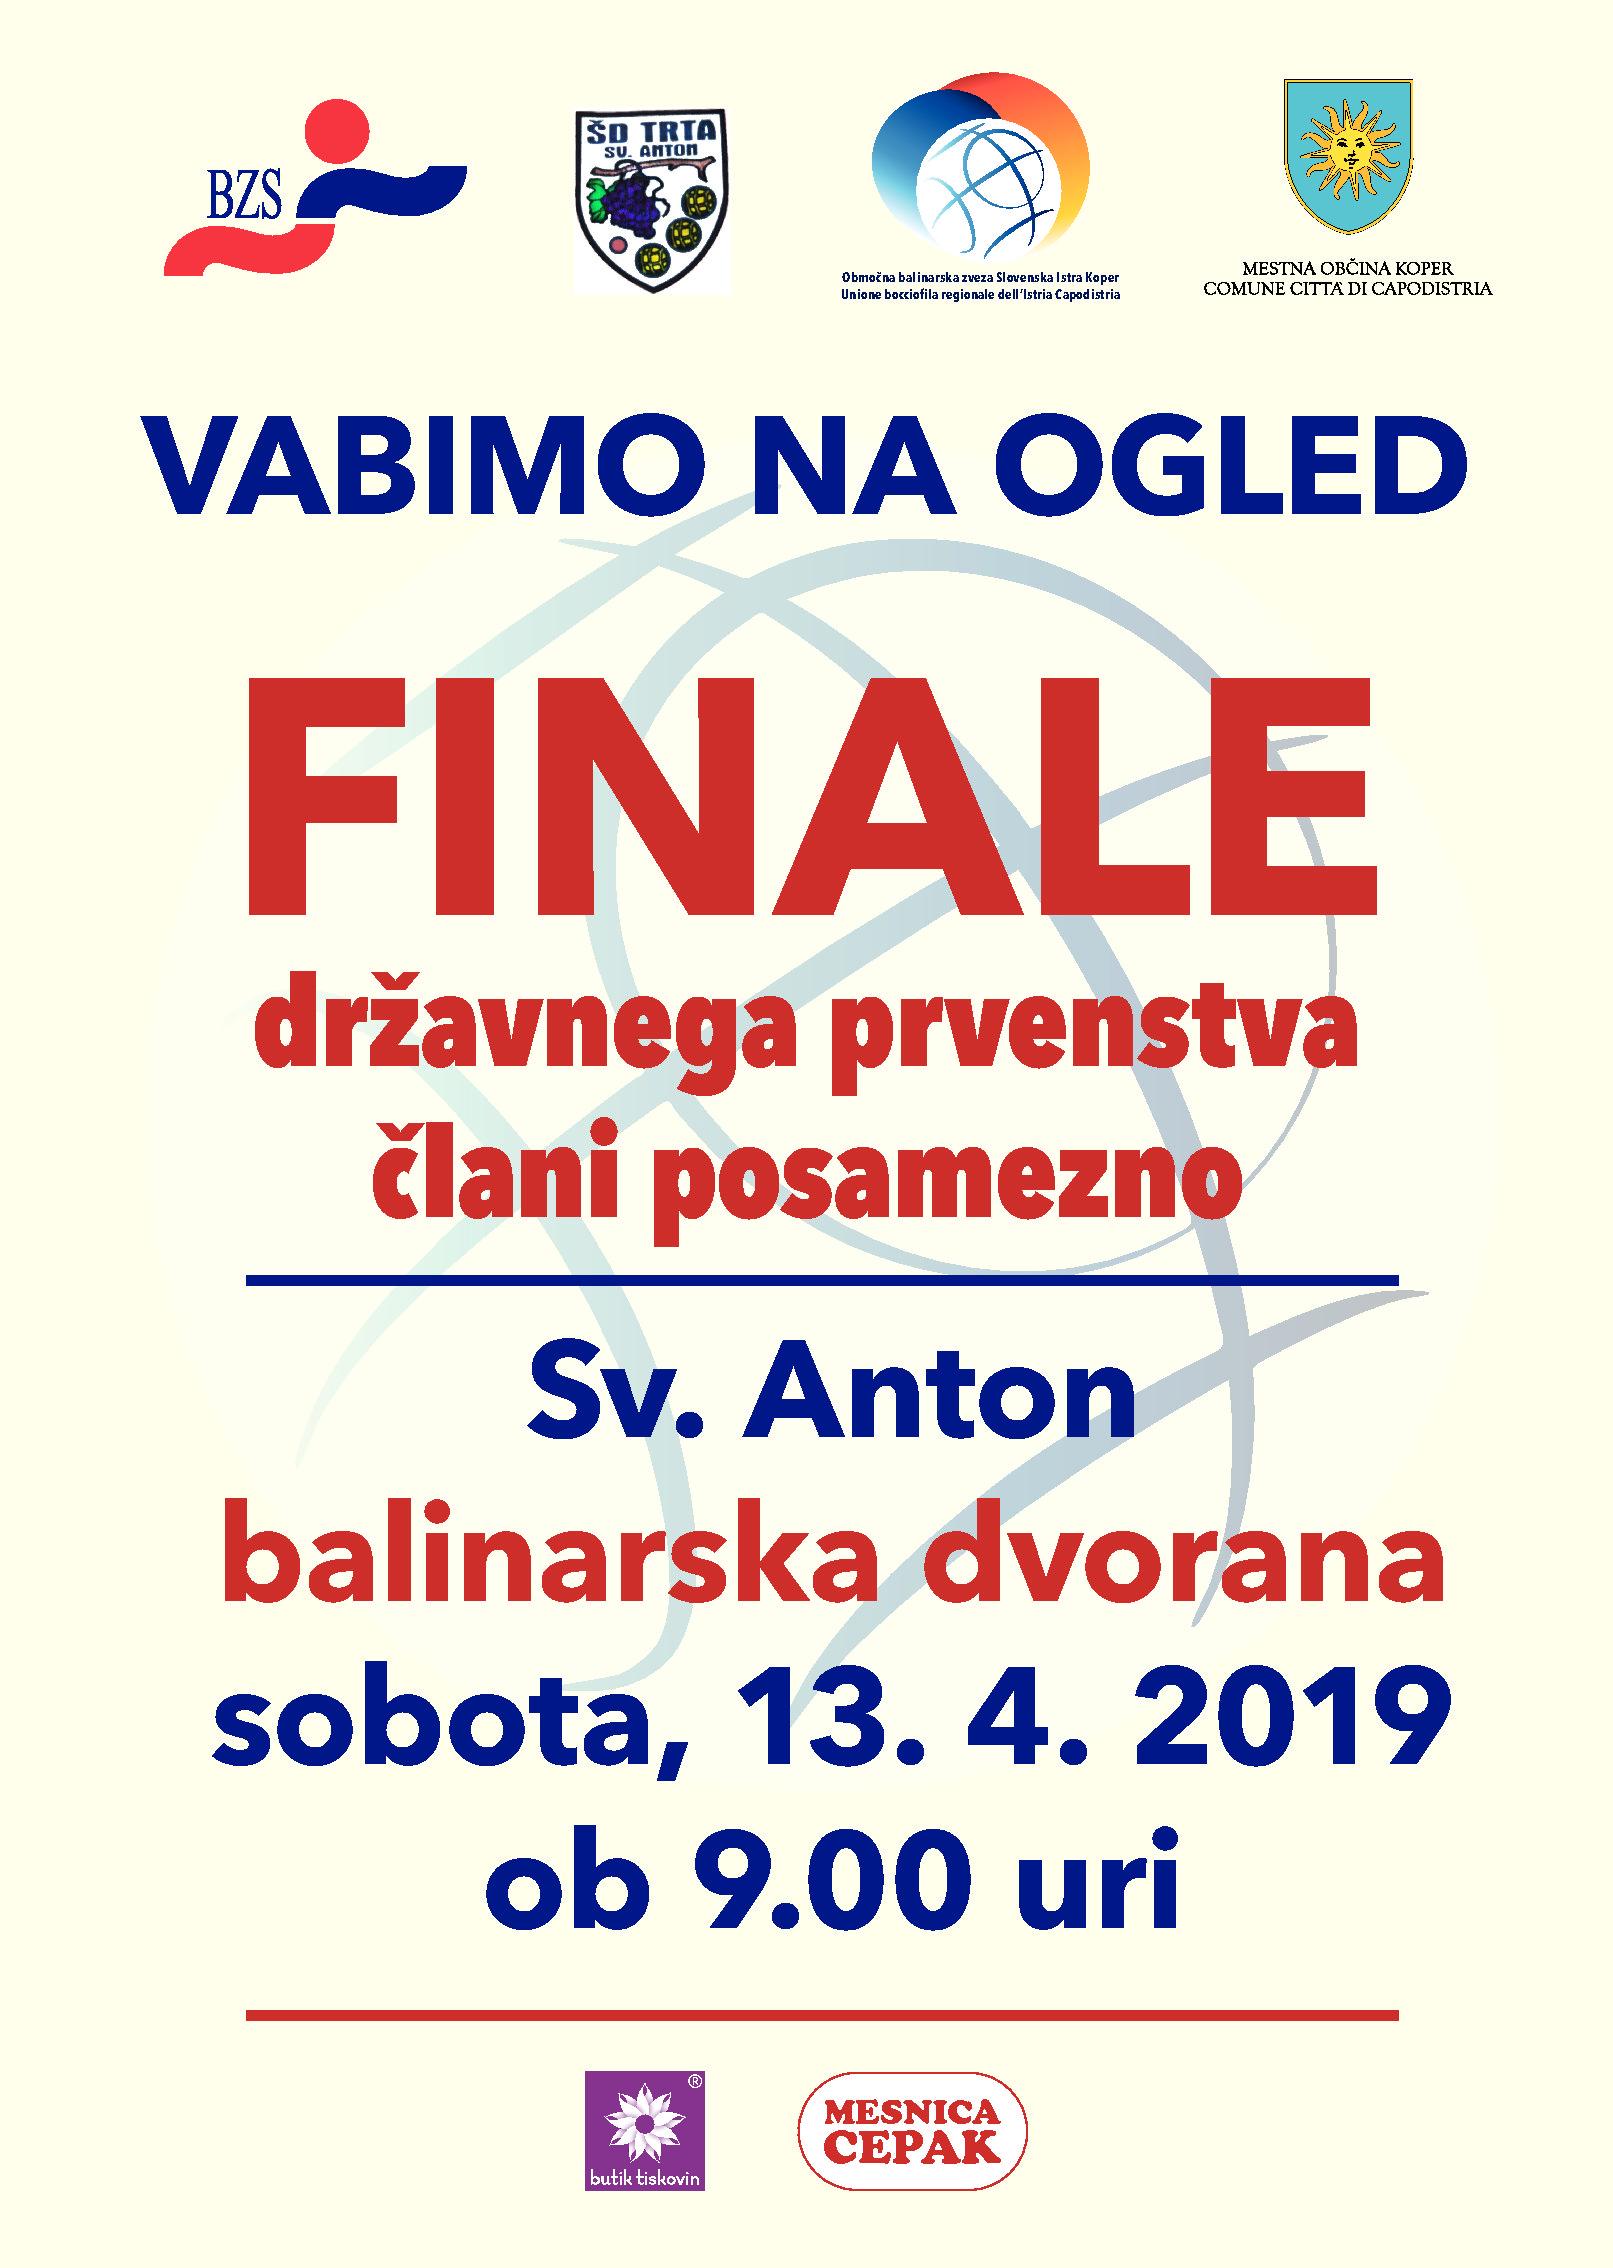 Sv. Anton bo gostil finale DP!